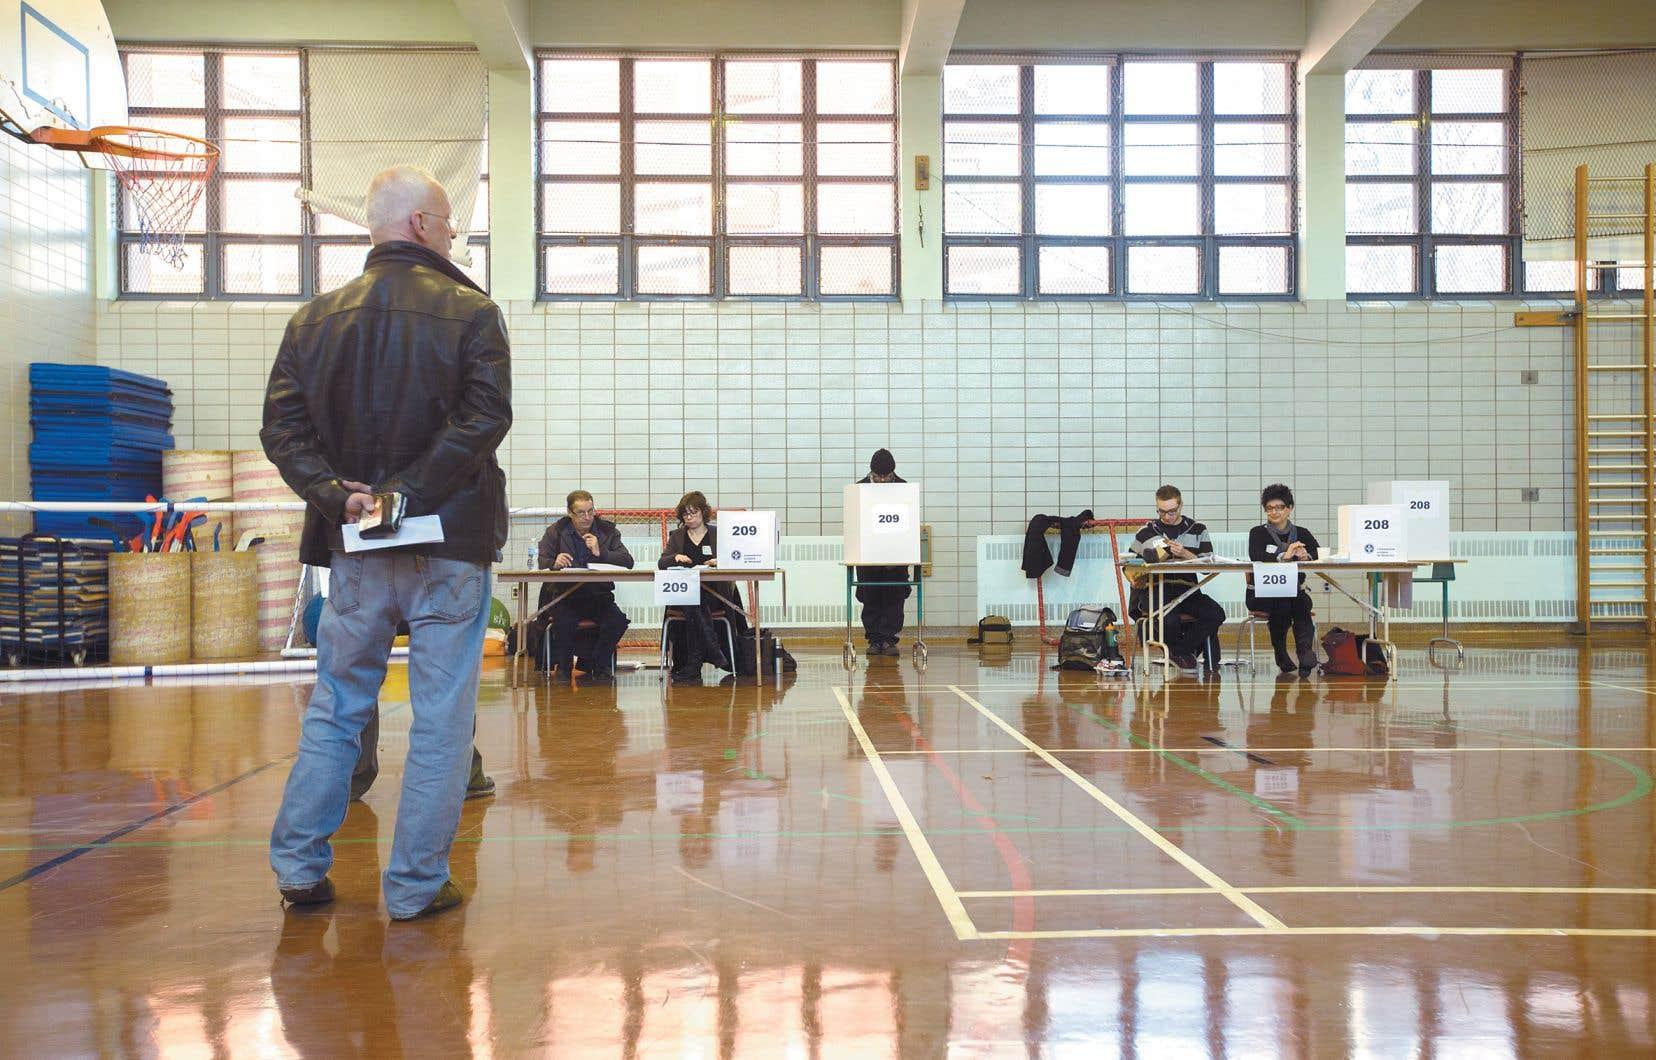 En 2014, le taux de participation aux élections scolaires avait été de moins de 5%, rappelle l'auteur.